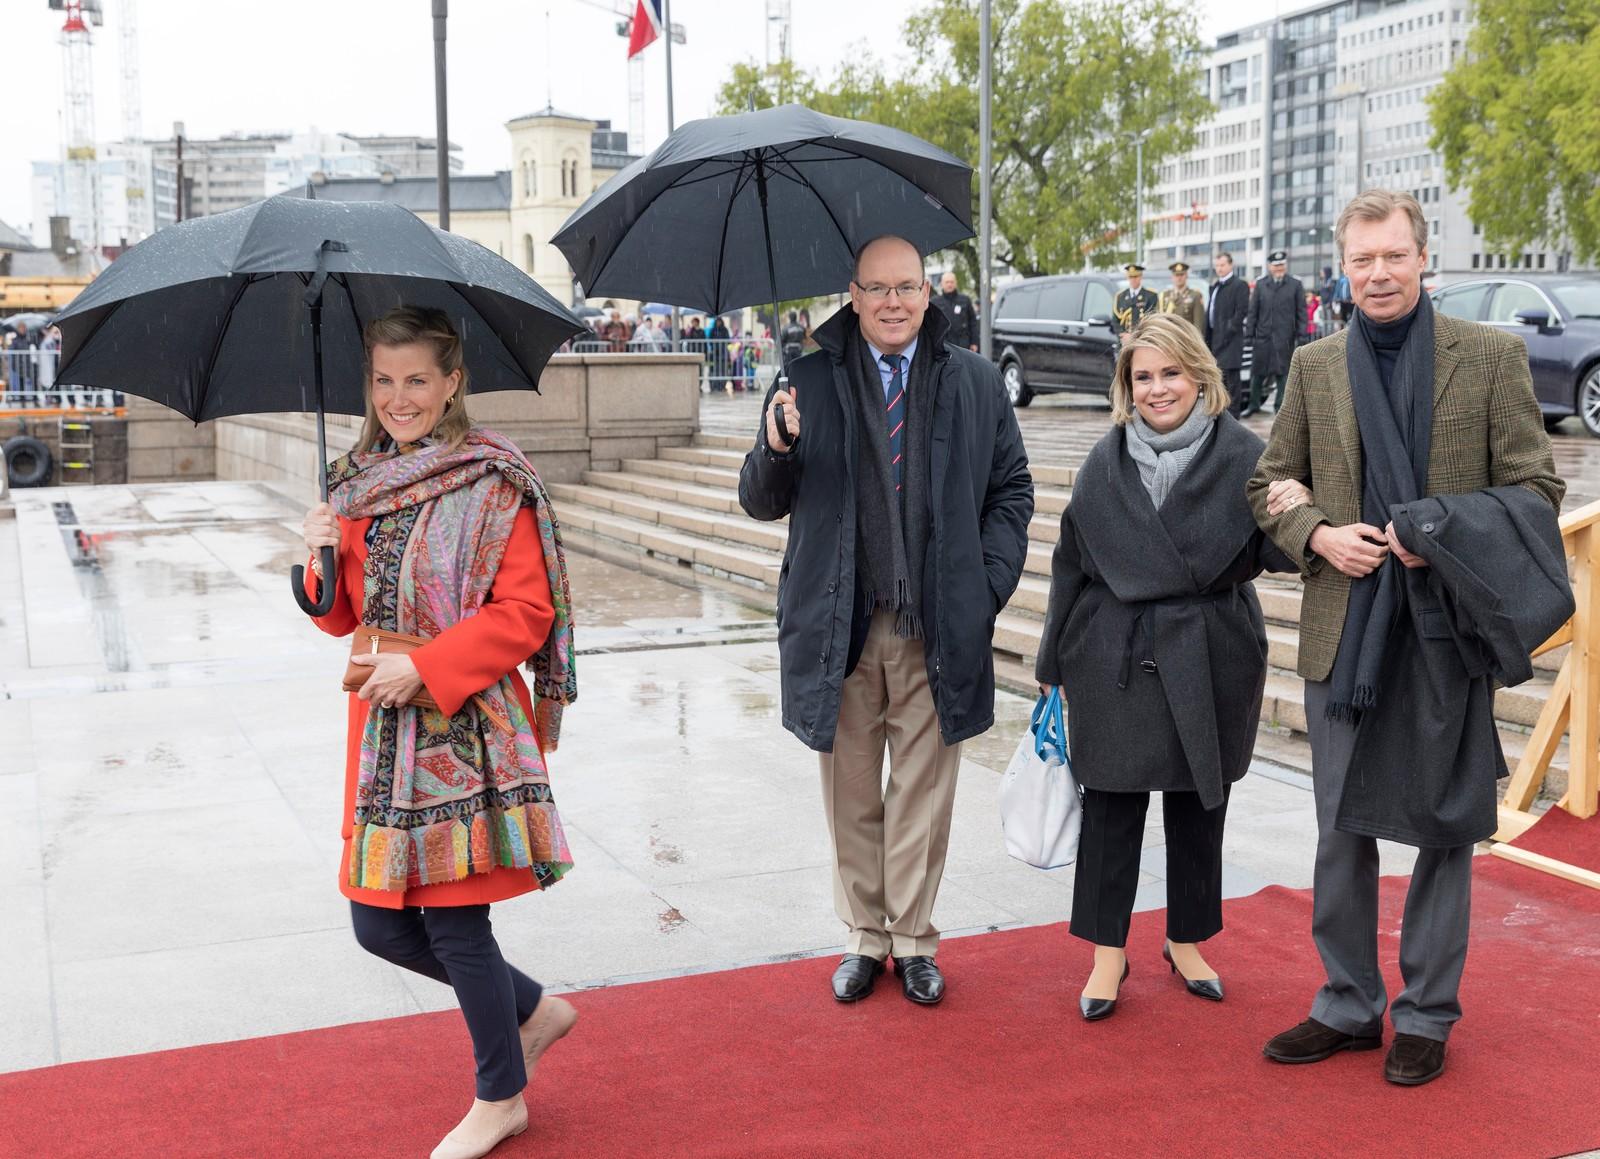 Grevinne Sophie av Wessex (t.v) fra Storbritannia, Fyrst Albert fra Monaco, storhertuginne Maria-Teresaved og Storhertug Herri fra Luxembourgved avreise fra honnørbrygga i Oslo på tur til lunsj på Kongeskipet Norge onsdag.